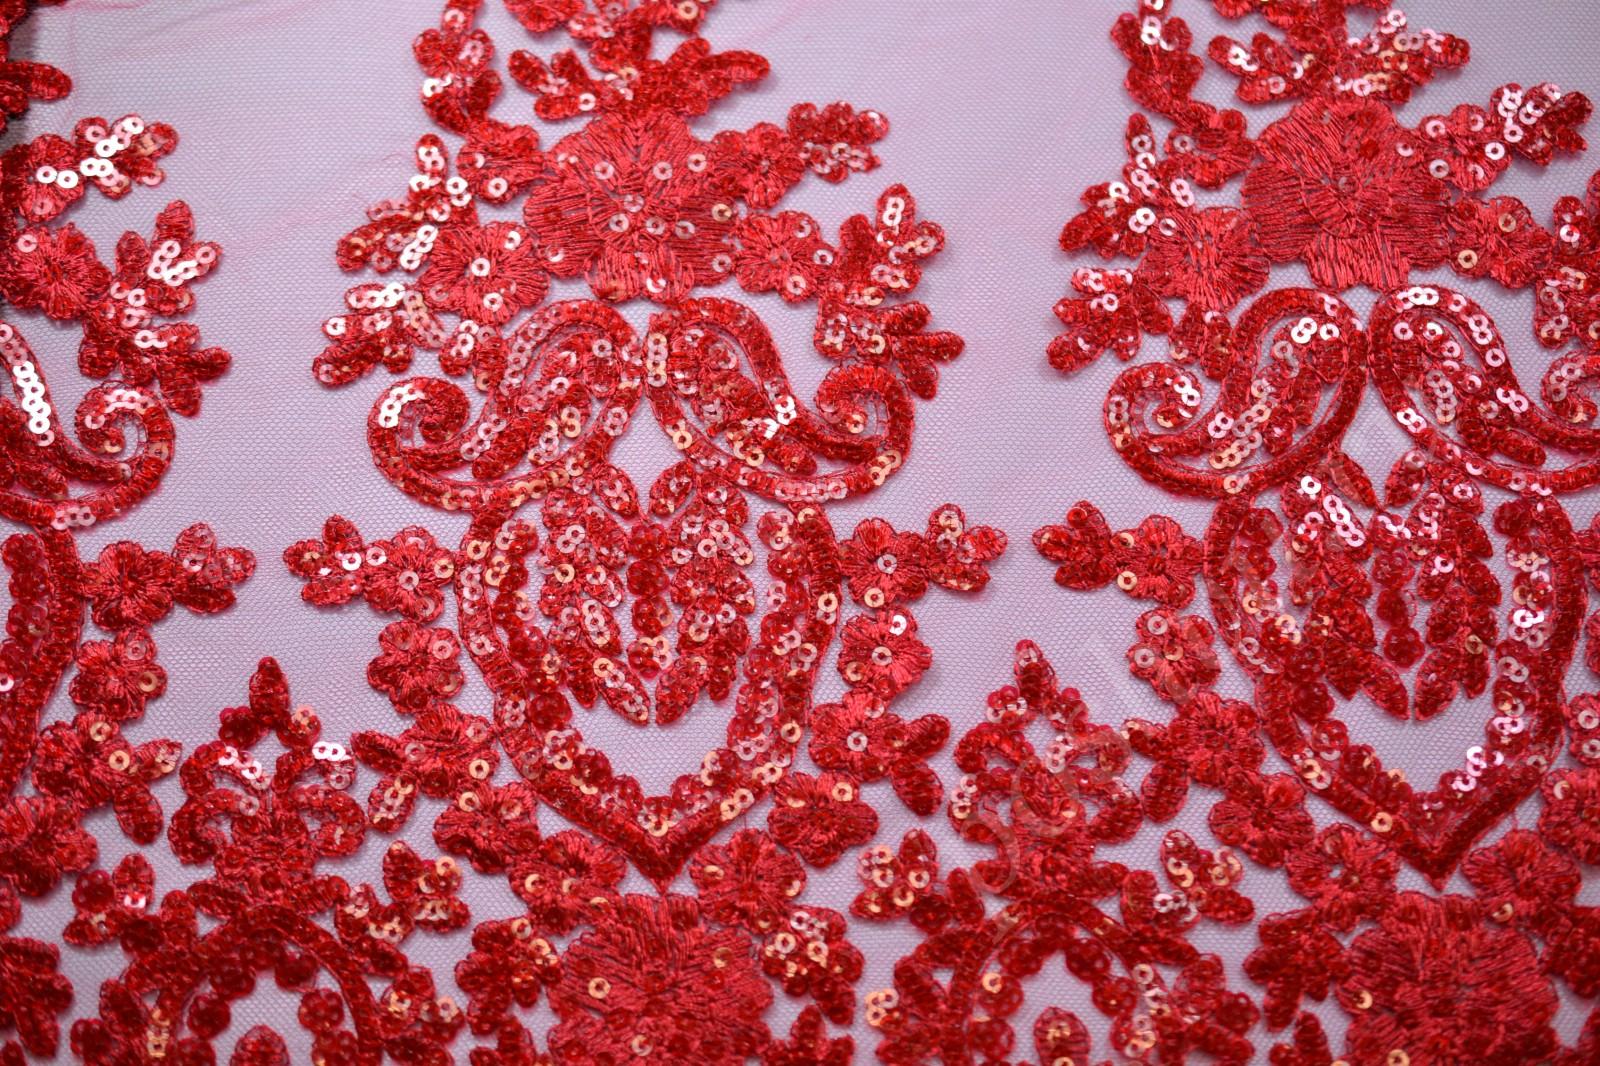 Ткань гипюр красного цвета с вышивкой и пайетками купить в интернет ... ea71940a807